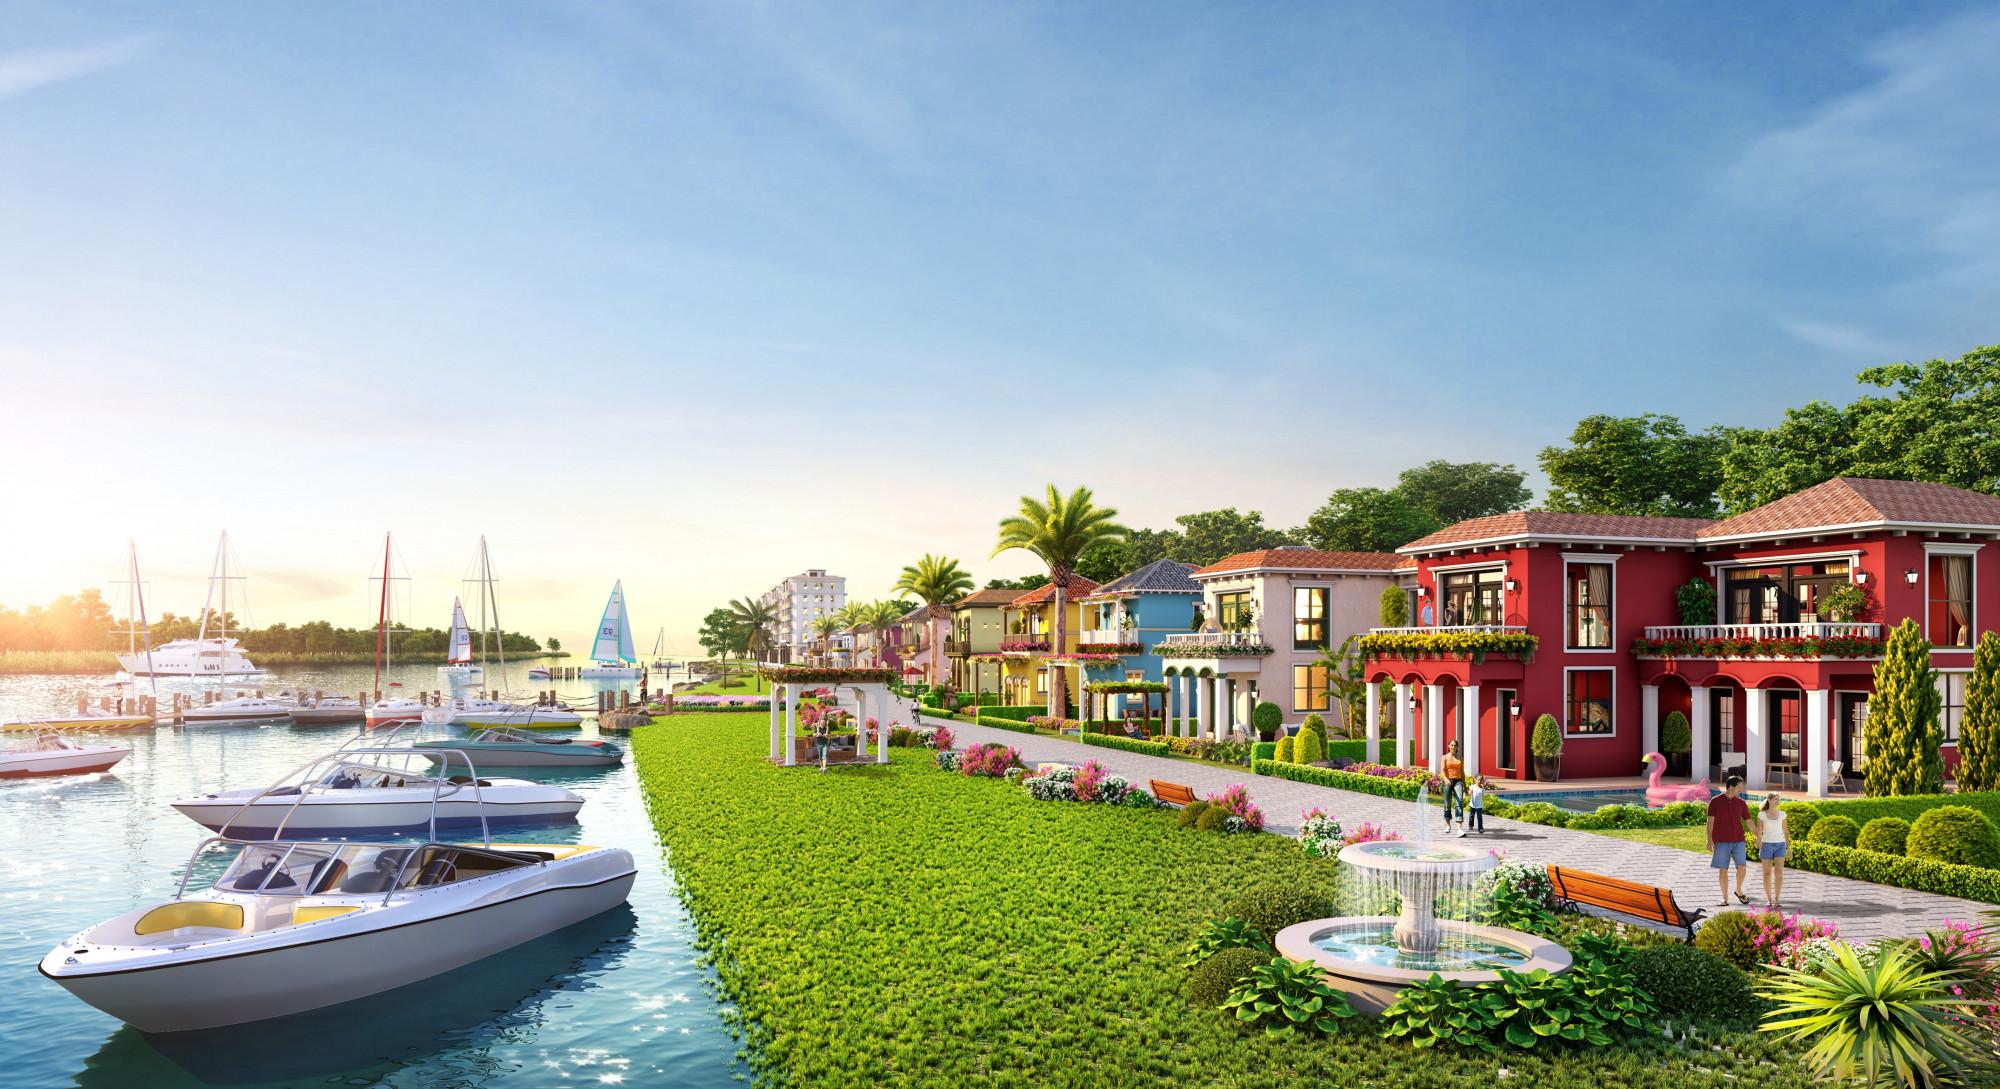 Phối cảnh biệt thự biển tầm nhìn sông cùng bến du thuyền ấn tượng tại phân kỳ Habana Island (NovaWorld Ho Tram, Bà Rịa - Vũng Tàu)